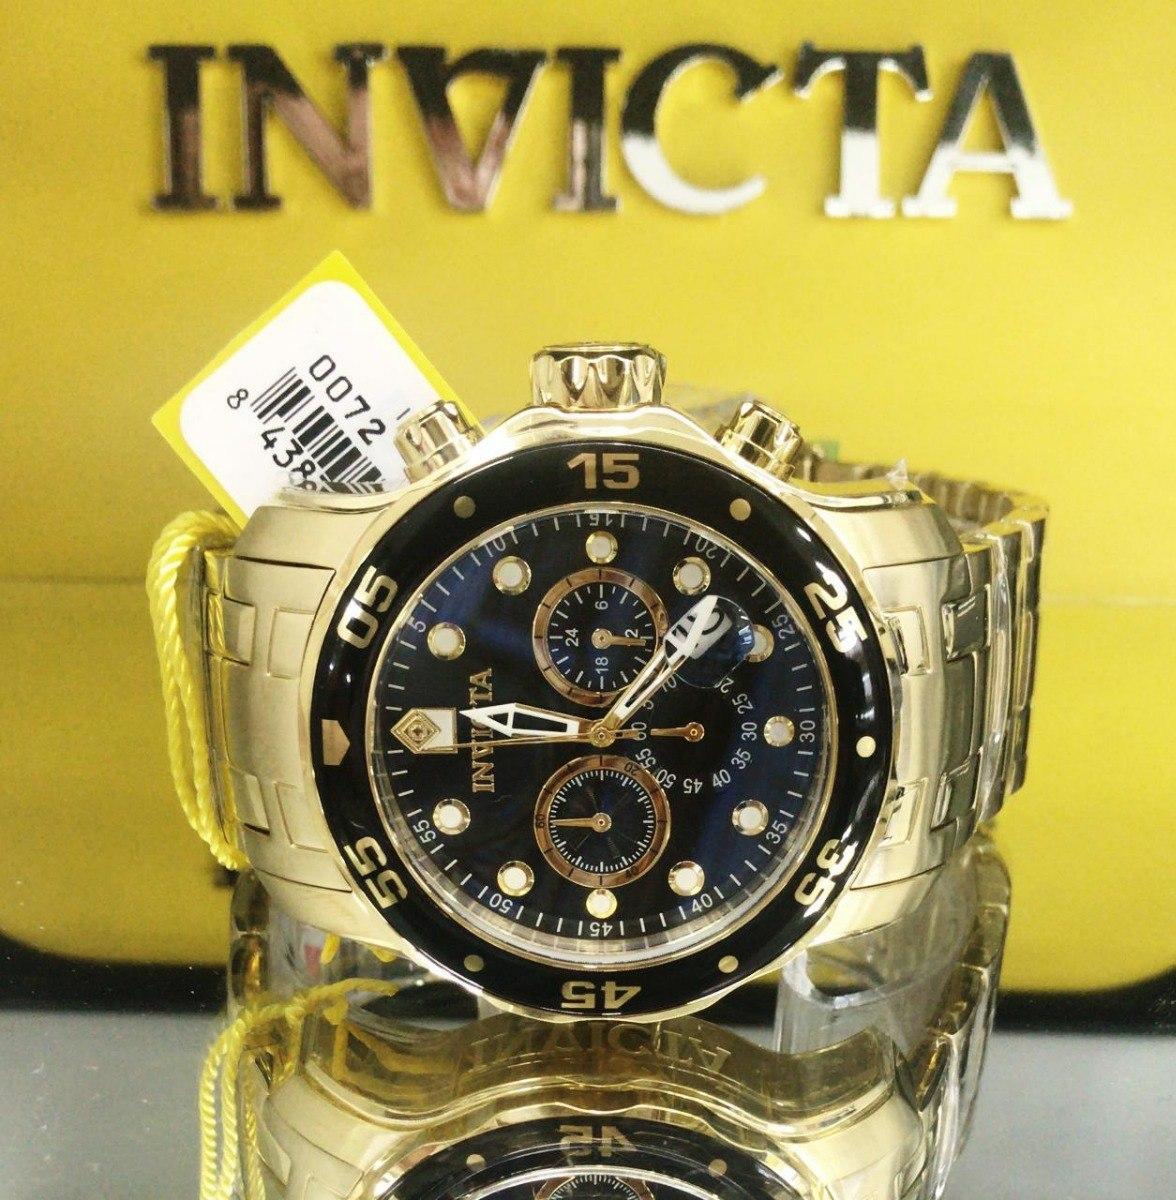 978c8ee6db1 Relógio Invicta Pro Diver 21922 0072 Original Banhado Ouro - R  698 ...